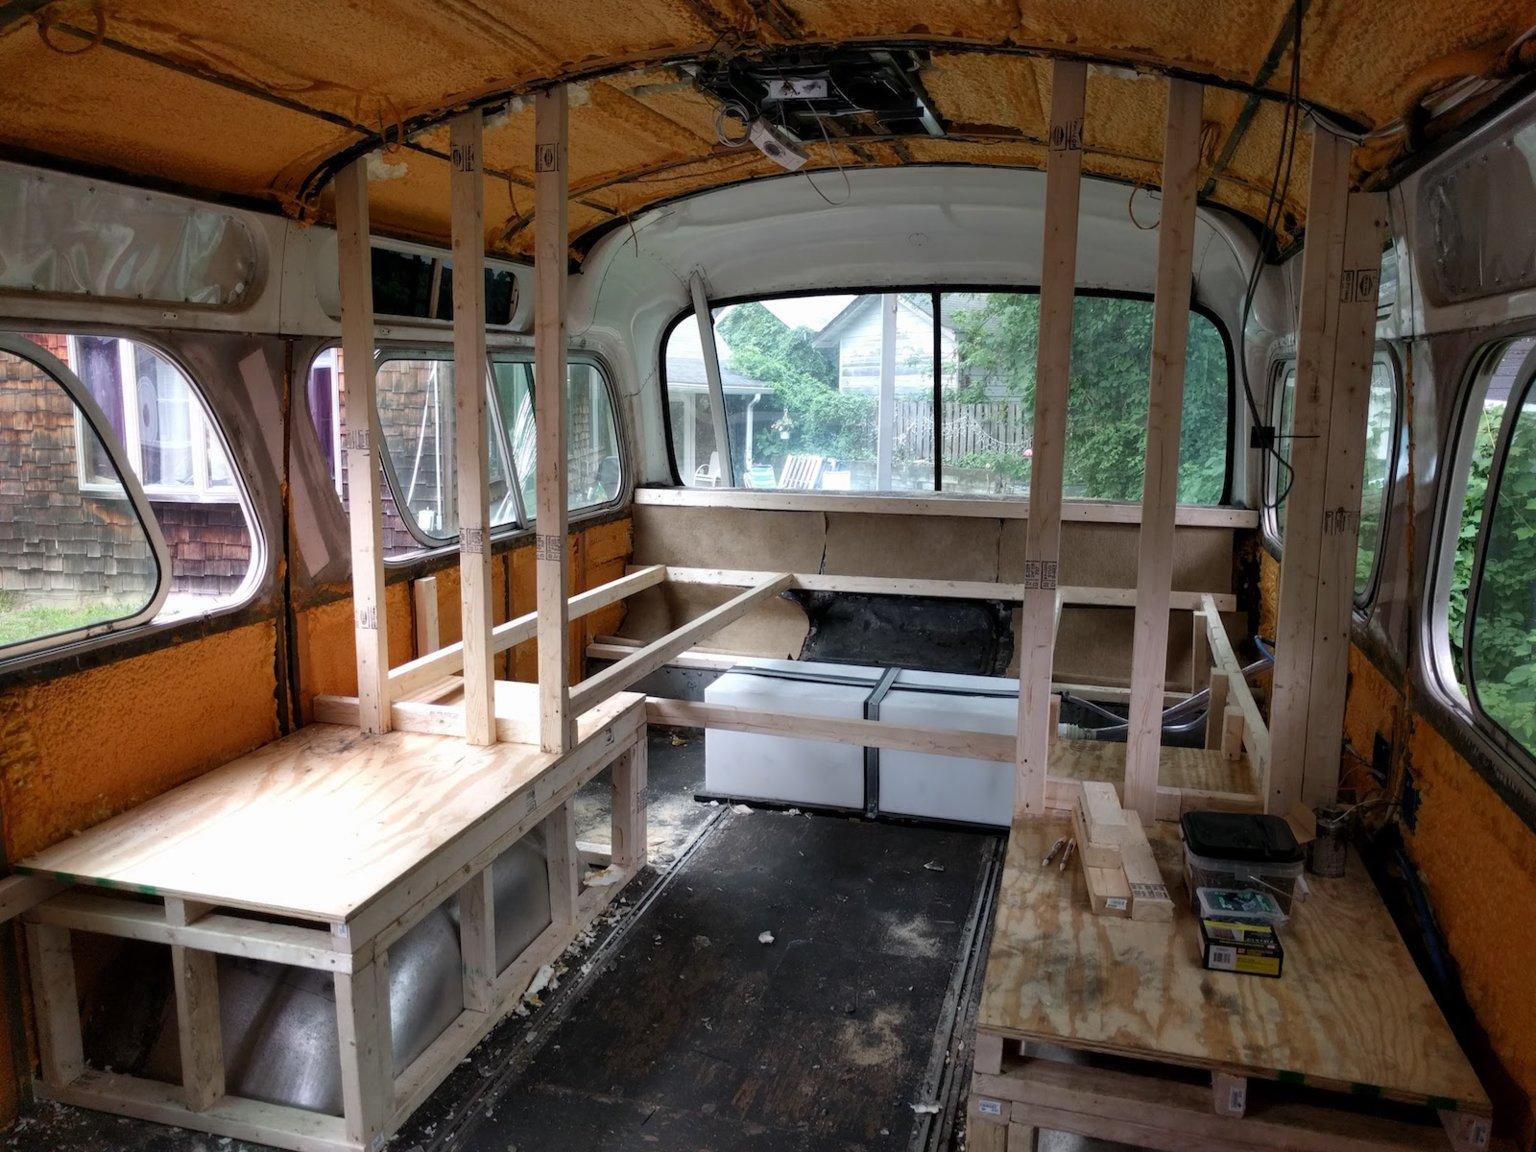 Diese Frau verwandelte einen alten Greyhound Bus in ein gemütliches Zuhause 4